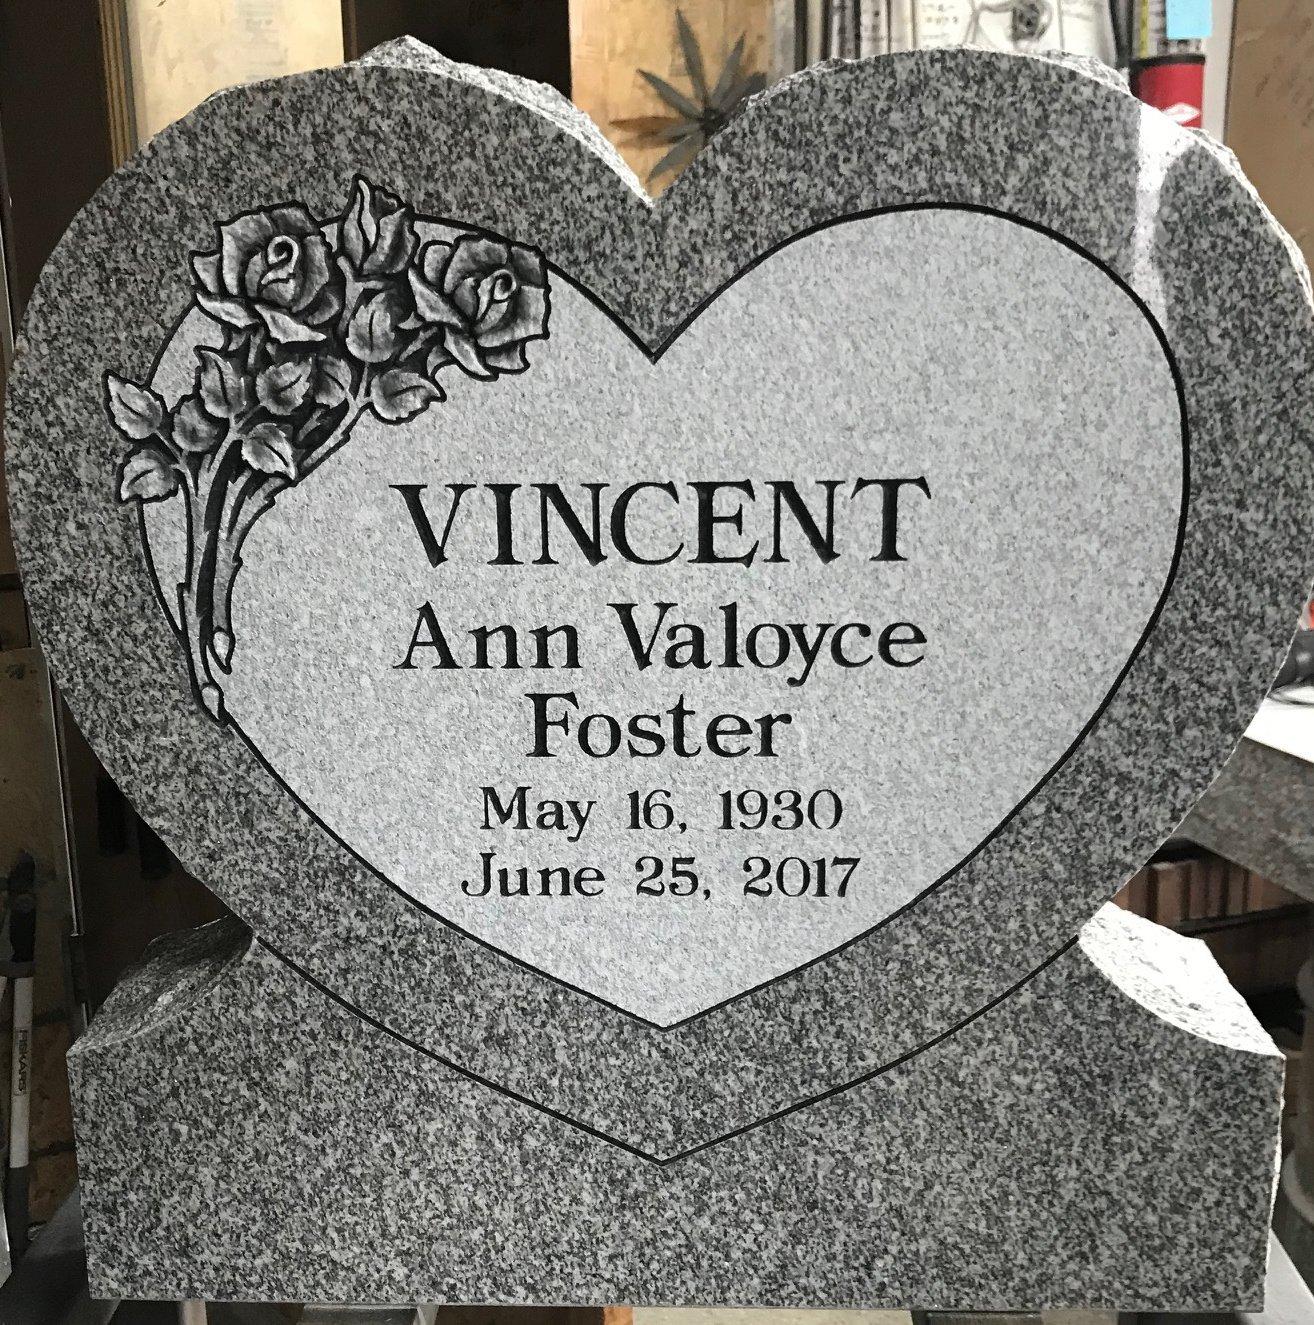 https://0201.nccdn.net/4_2/000/000/071/260/23702-Vincent-in-shop-1314x1325.jpg